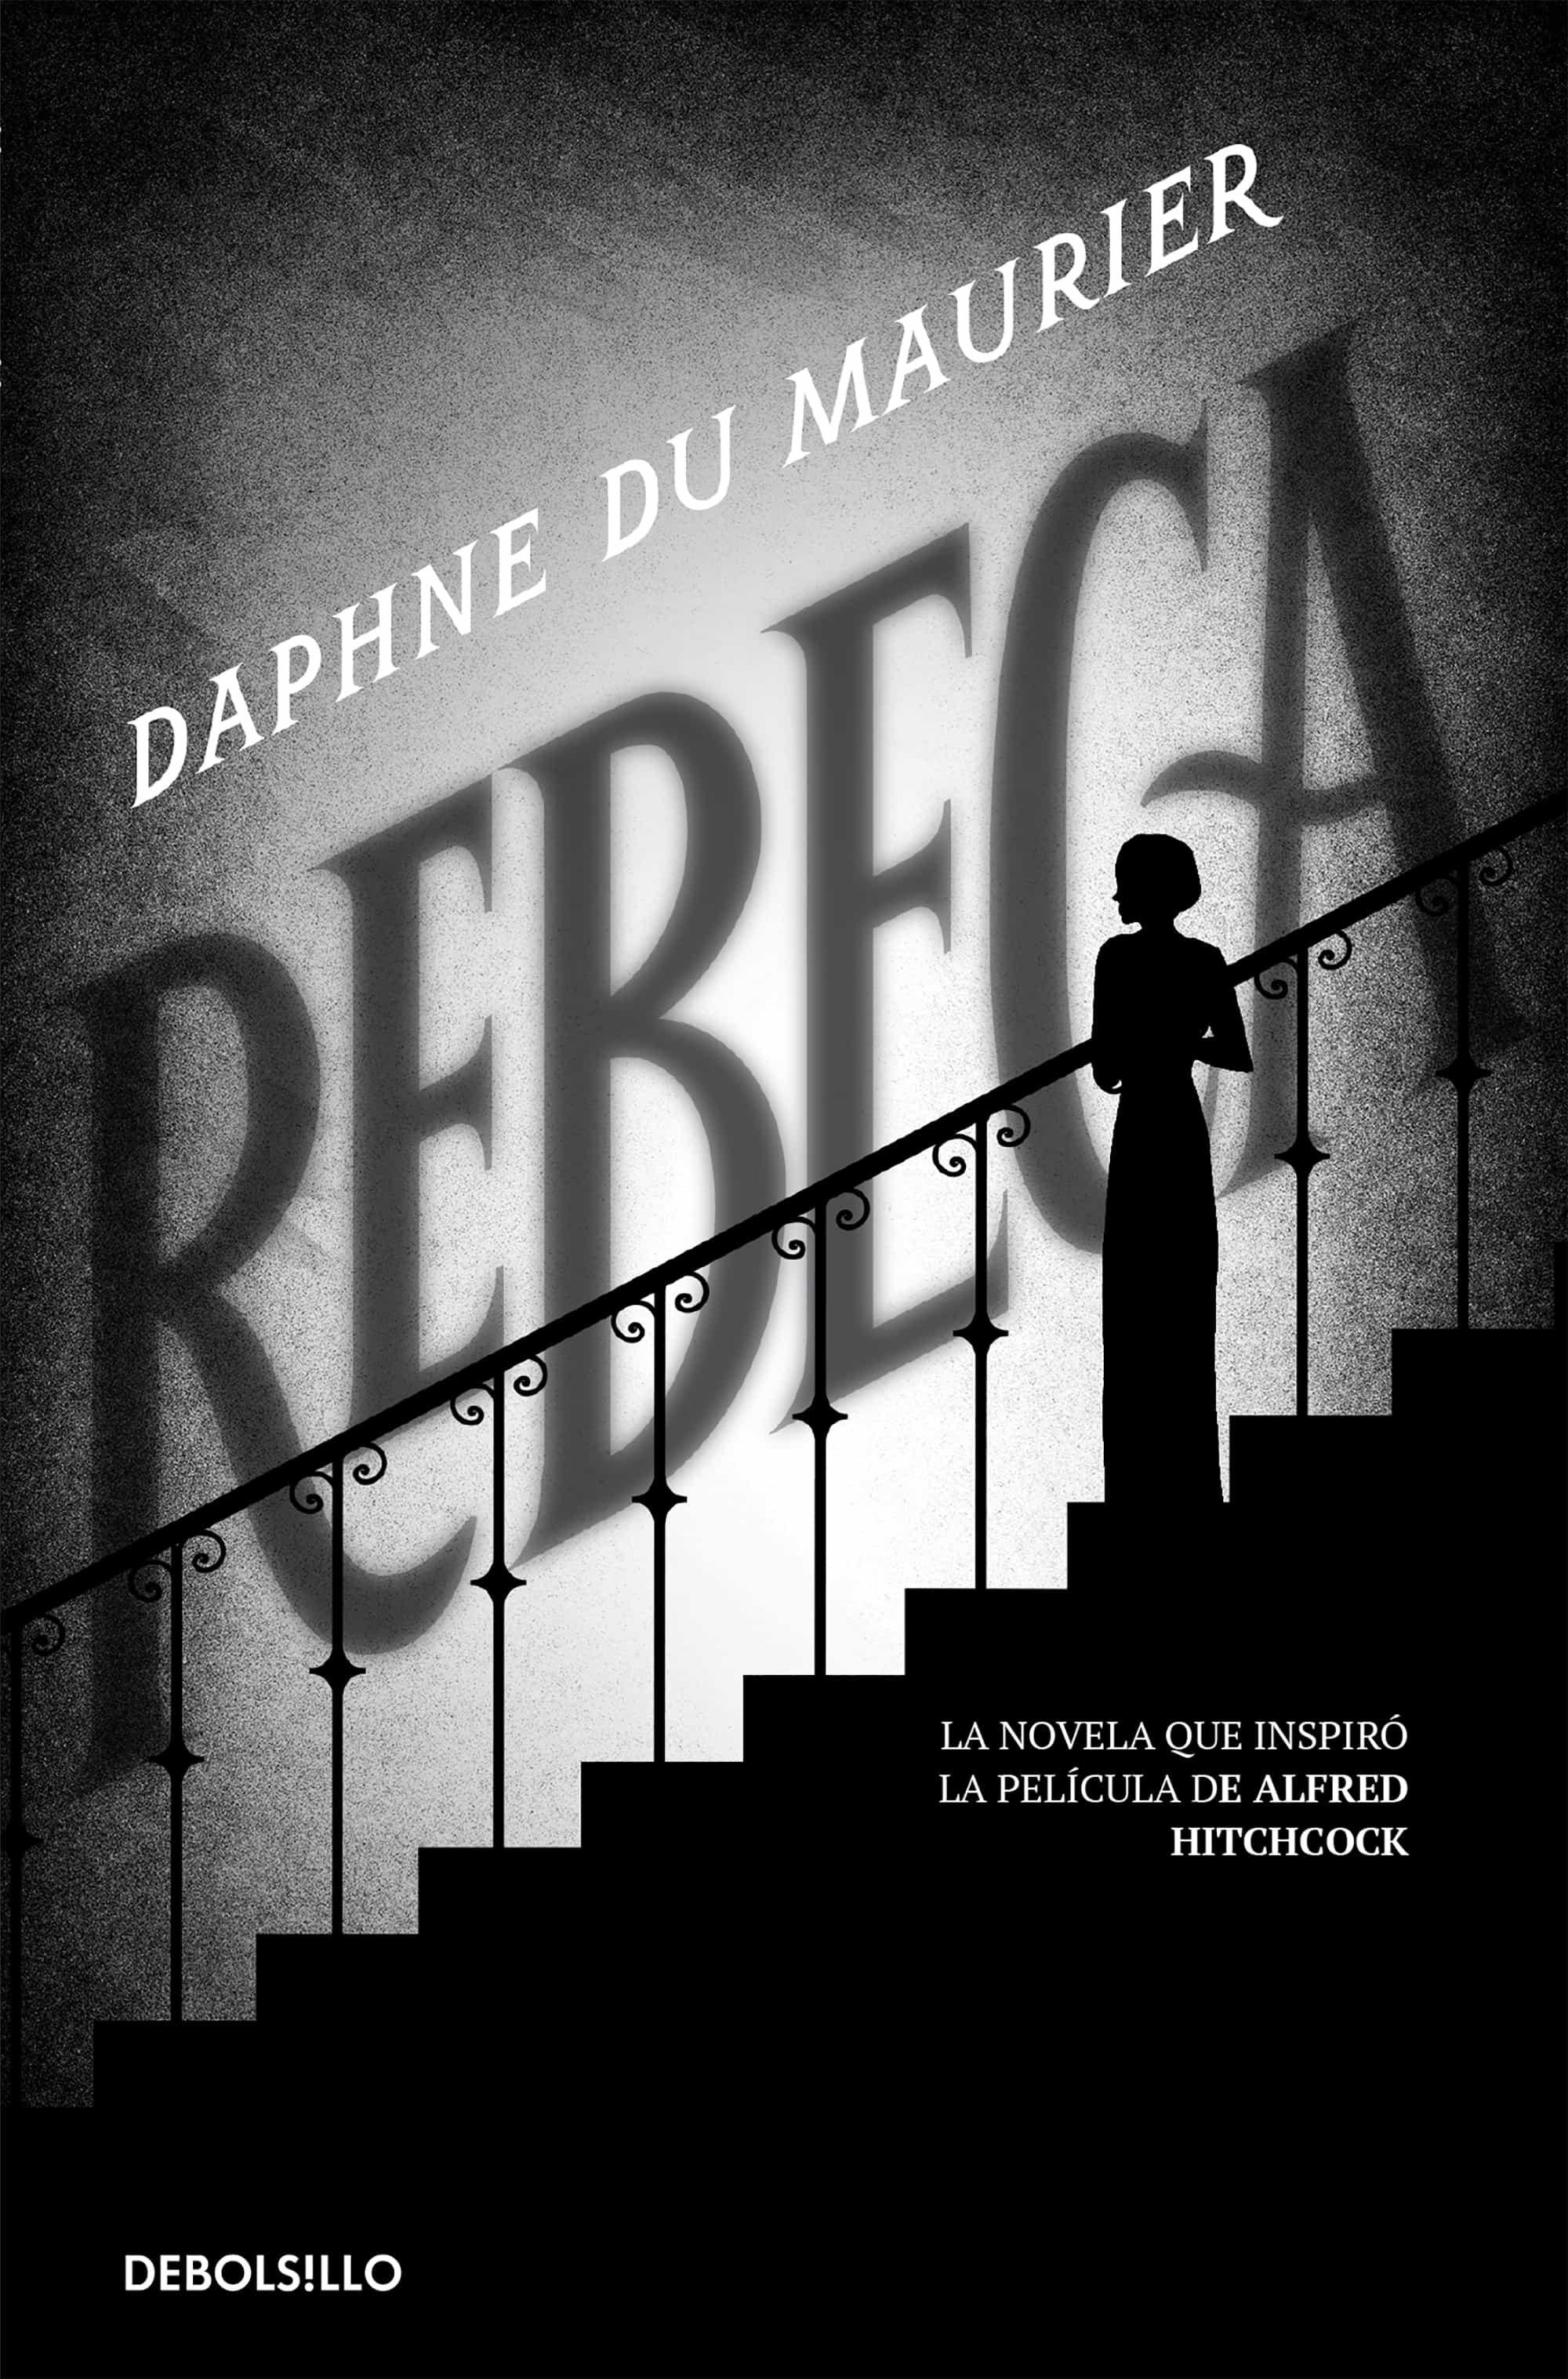 Rebeca - Maurier Daphne Du